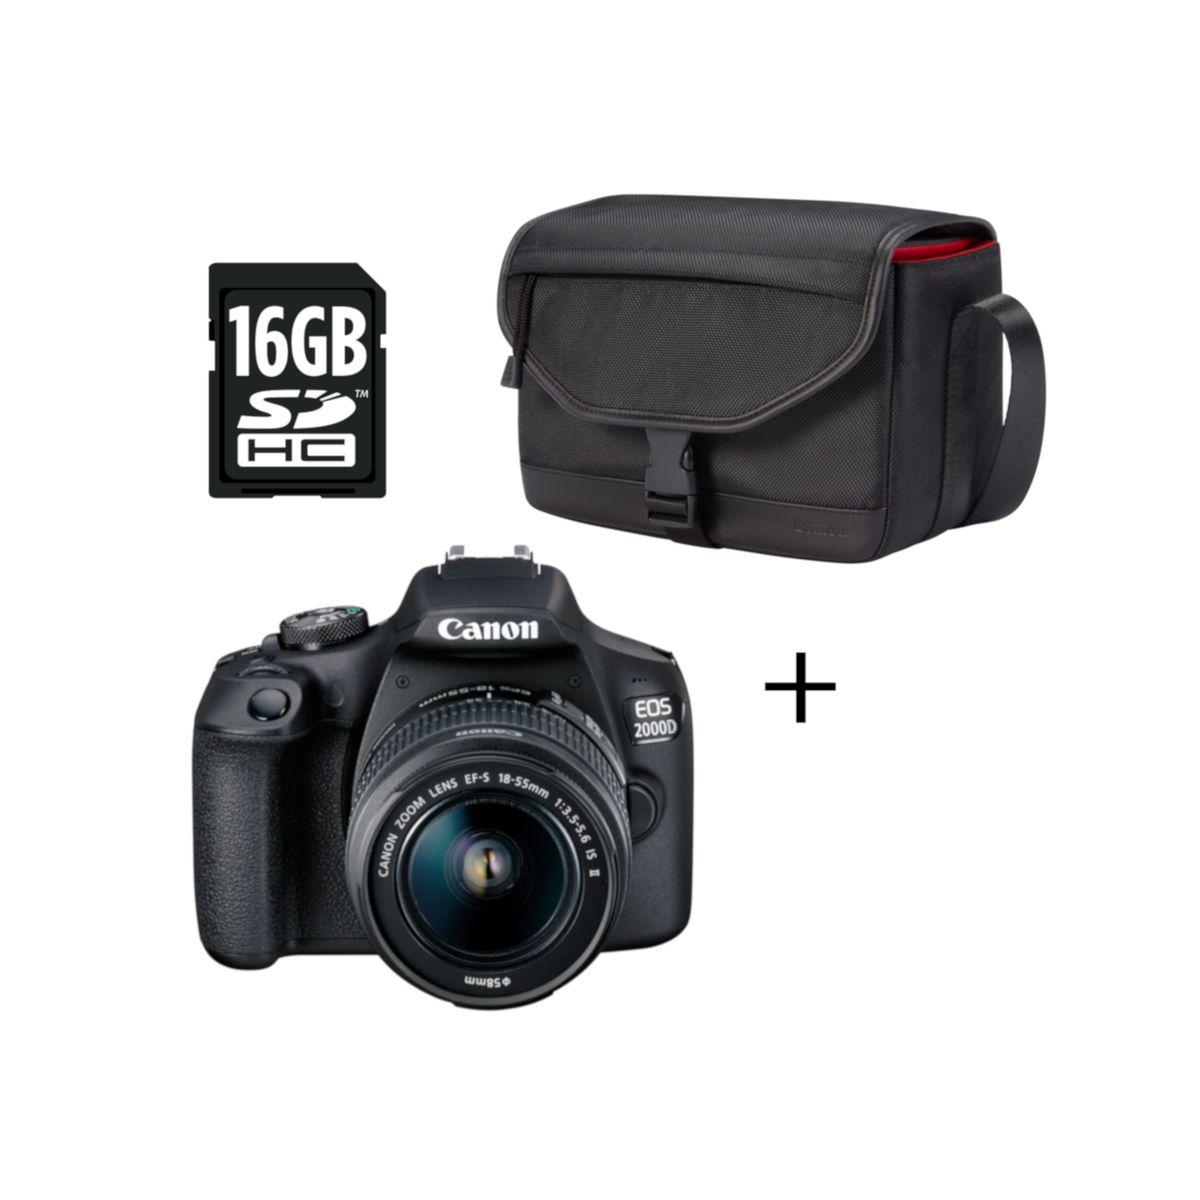 CANON Appareil Photo Reflex - EOS 2000D - Noir + Objectif 18-55mm IS II + Housse SB130 + Carte mémoire SD 16 Go + Chiffonnette